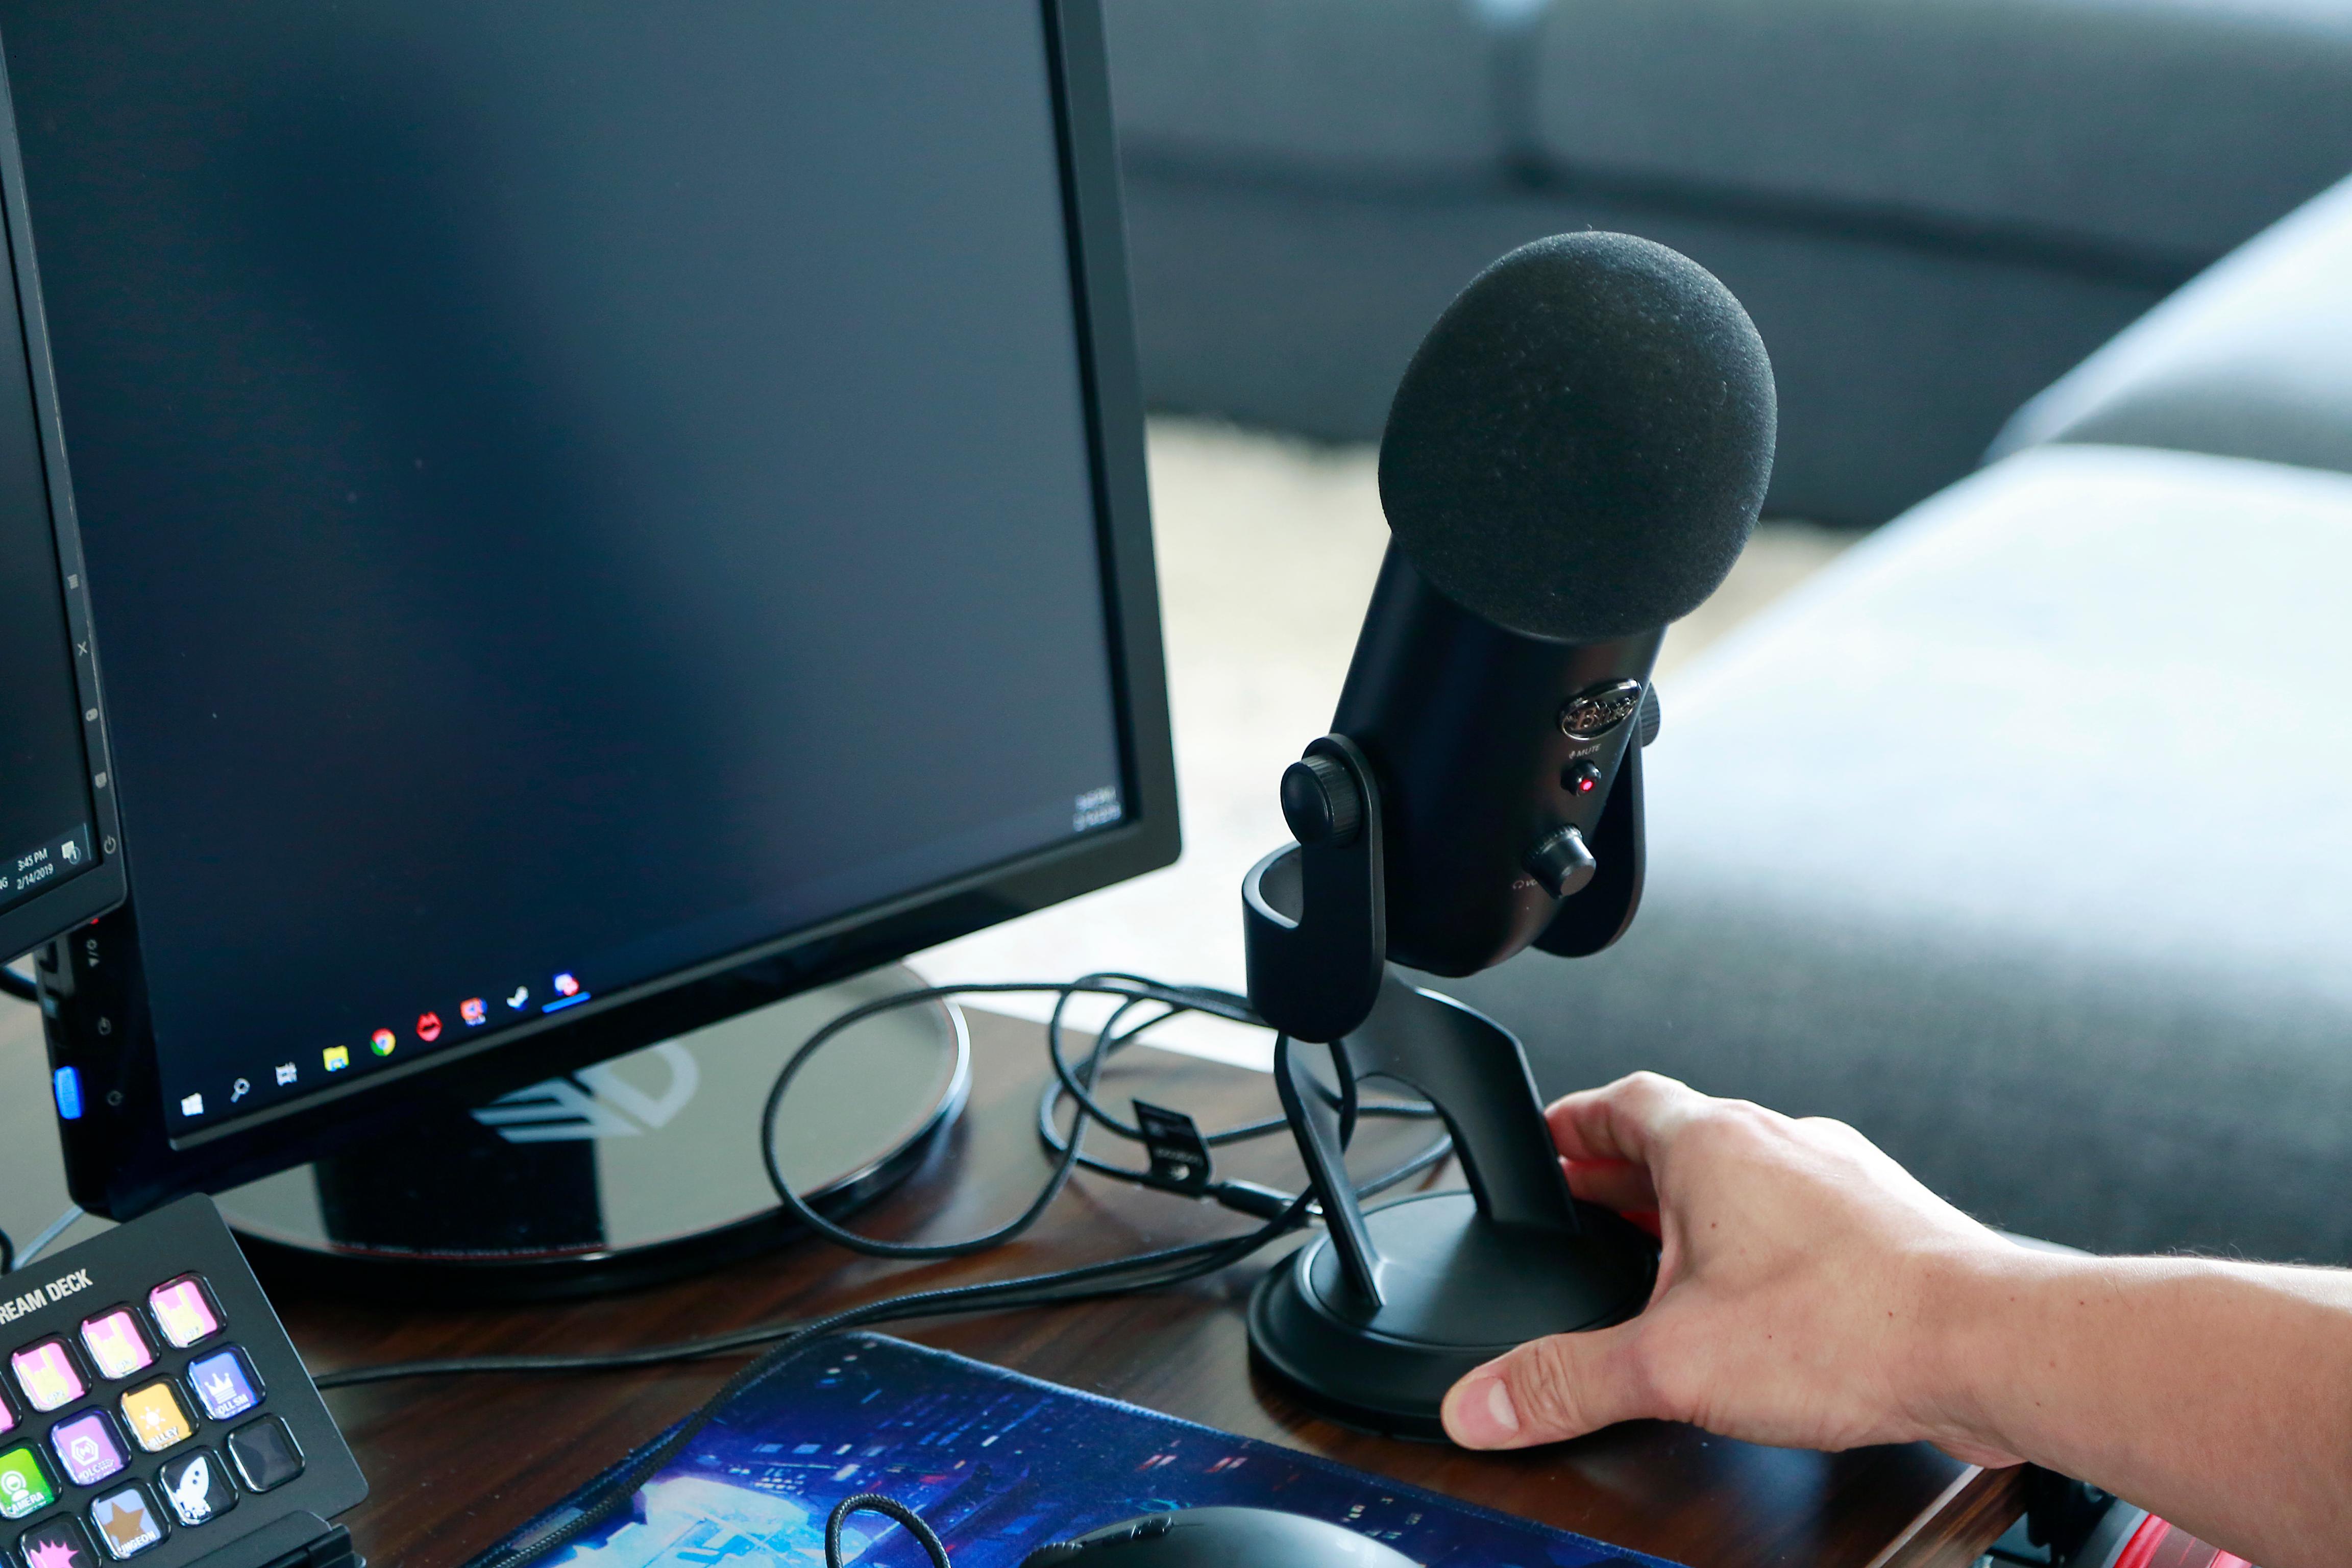 ケイン・コスギの自宅ゲーム配信環境・配信用マイク「Blue Microphones Yeti(ブルー マイクロフォン イエティ)」